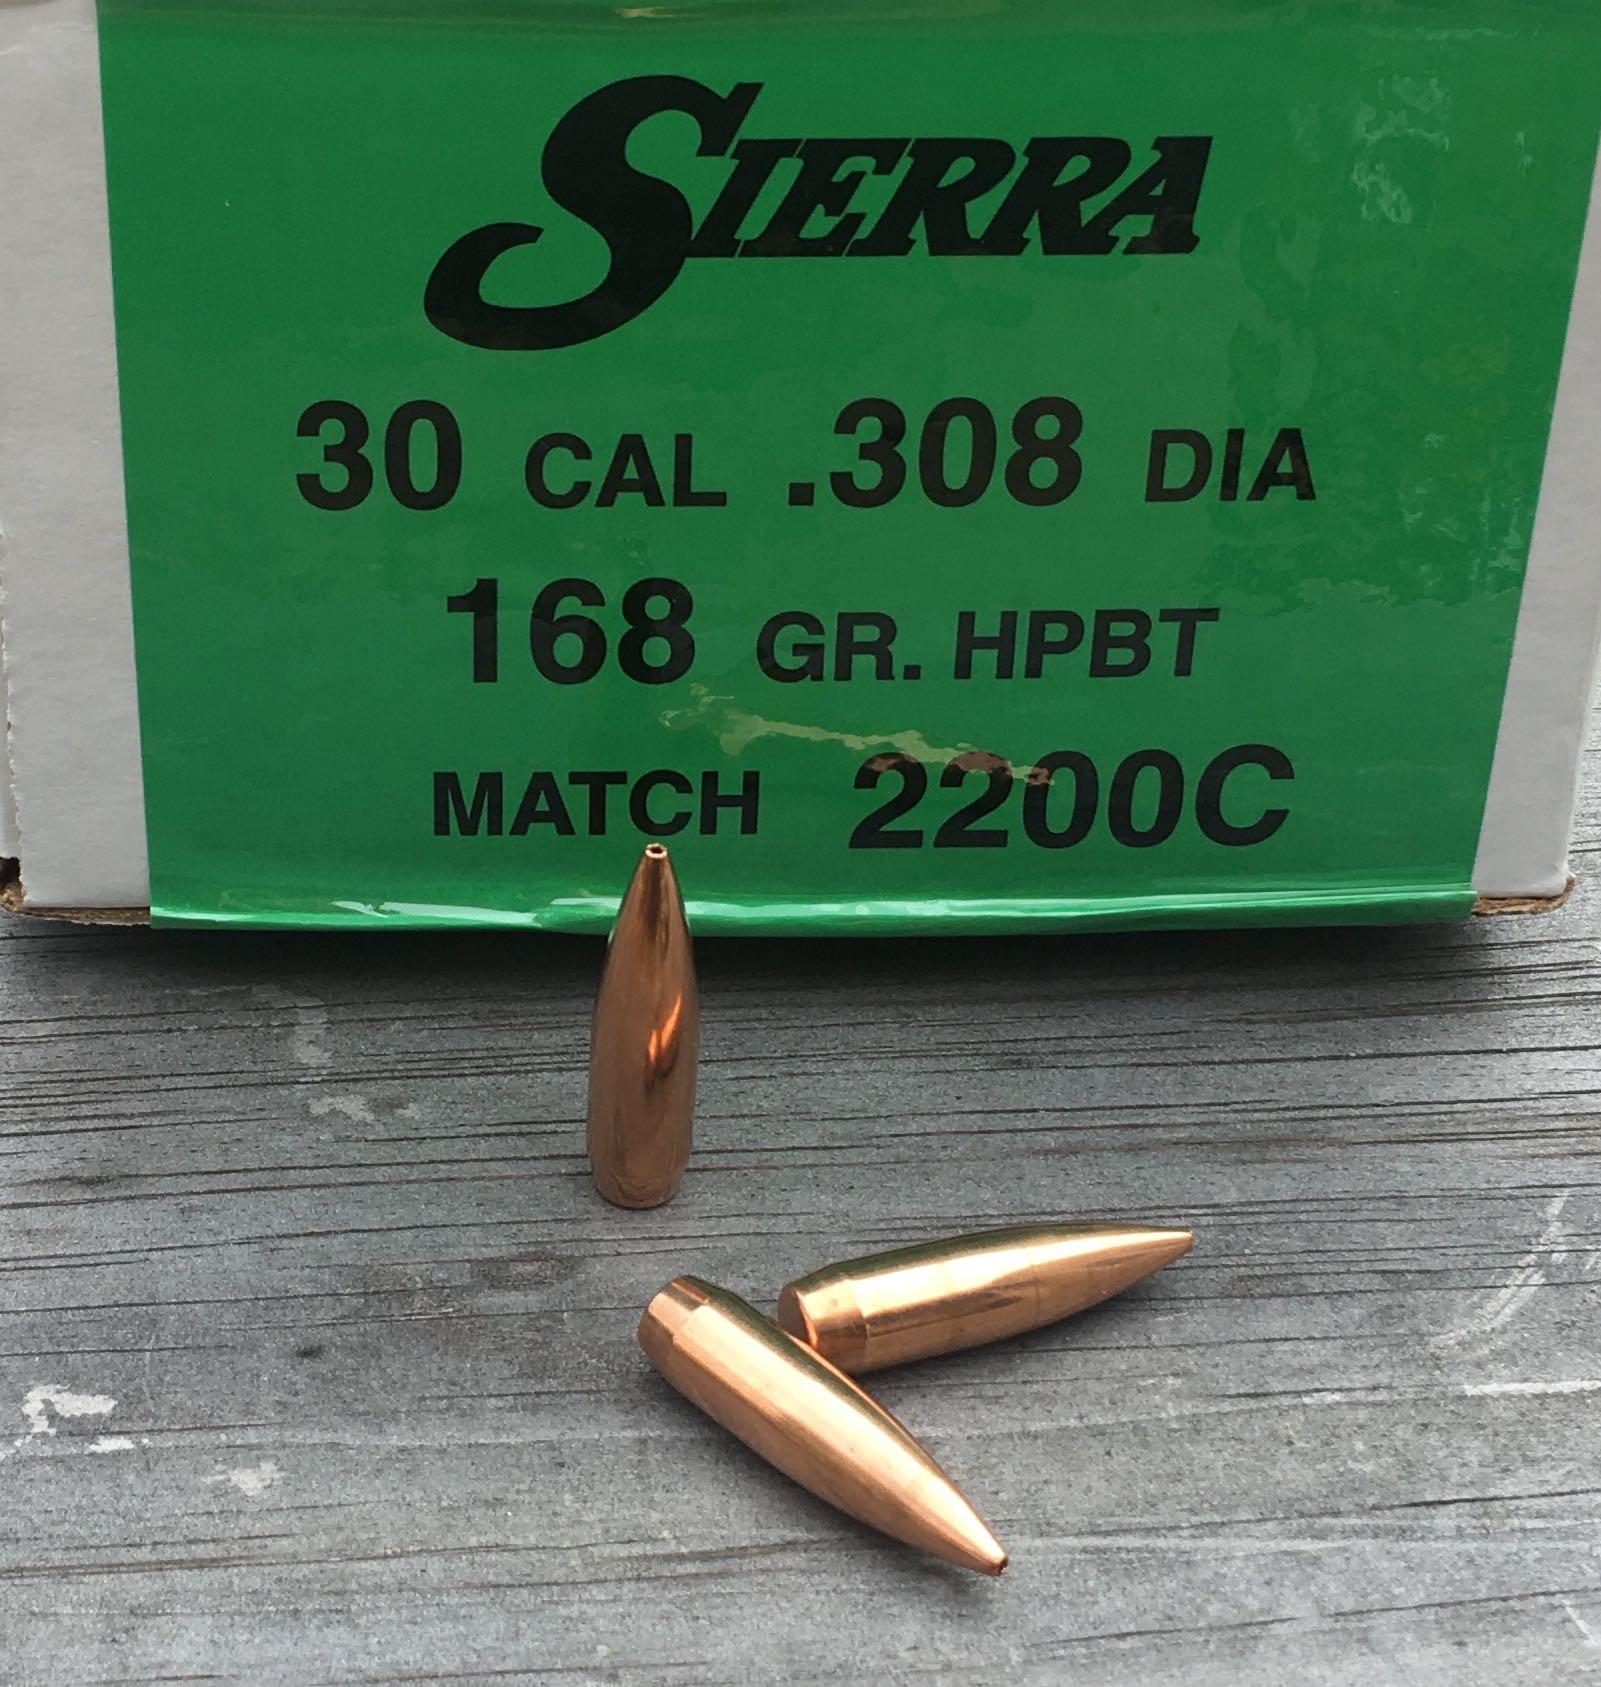 sierra-168-smk-number-2200